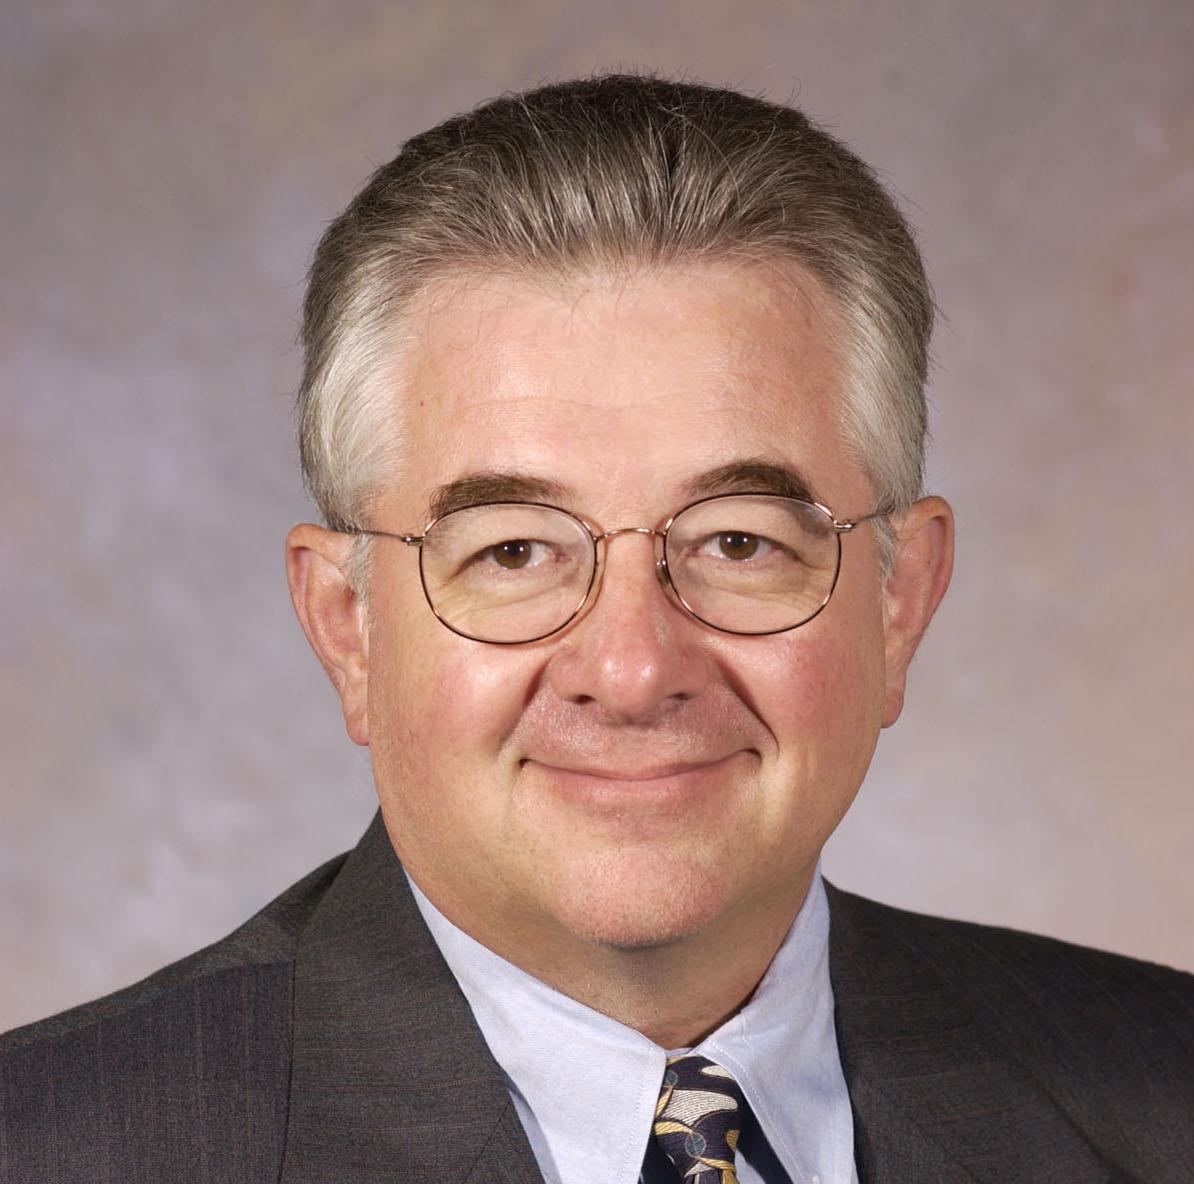 Bill Poucher